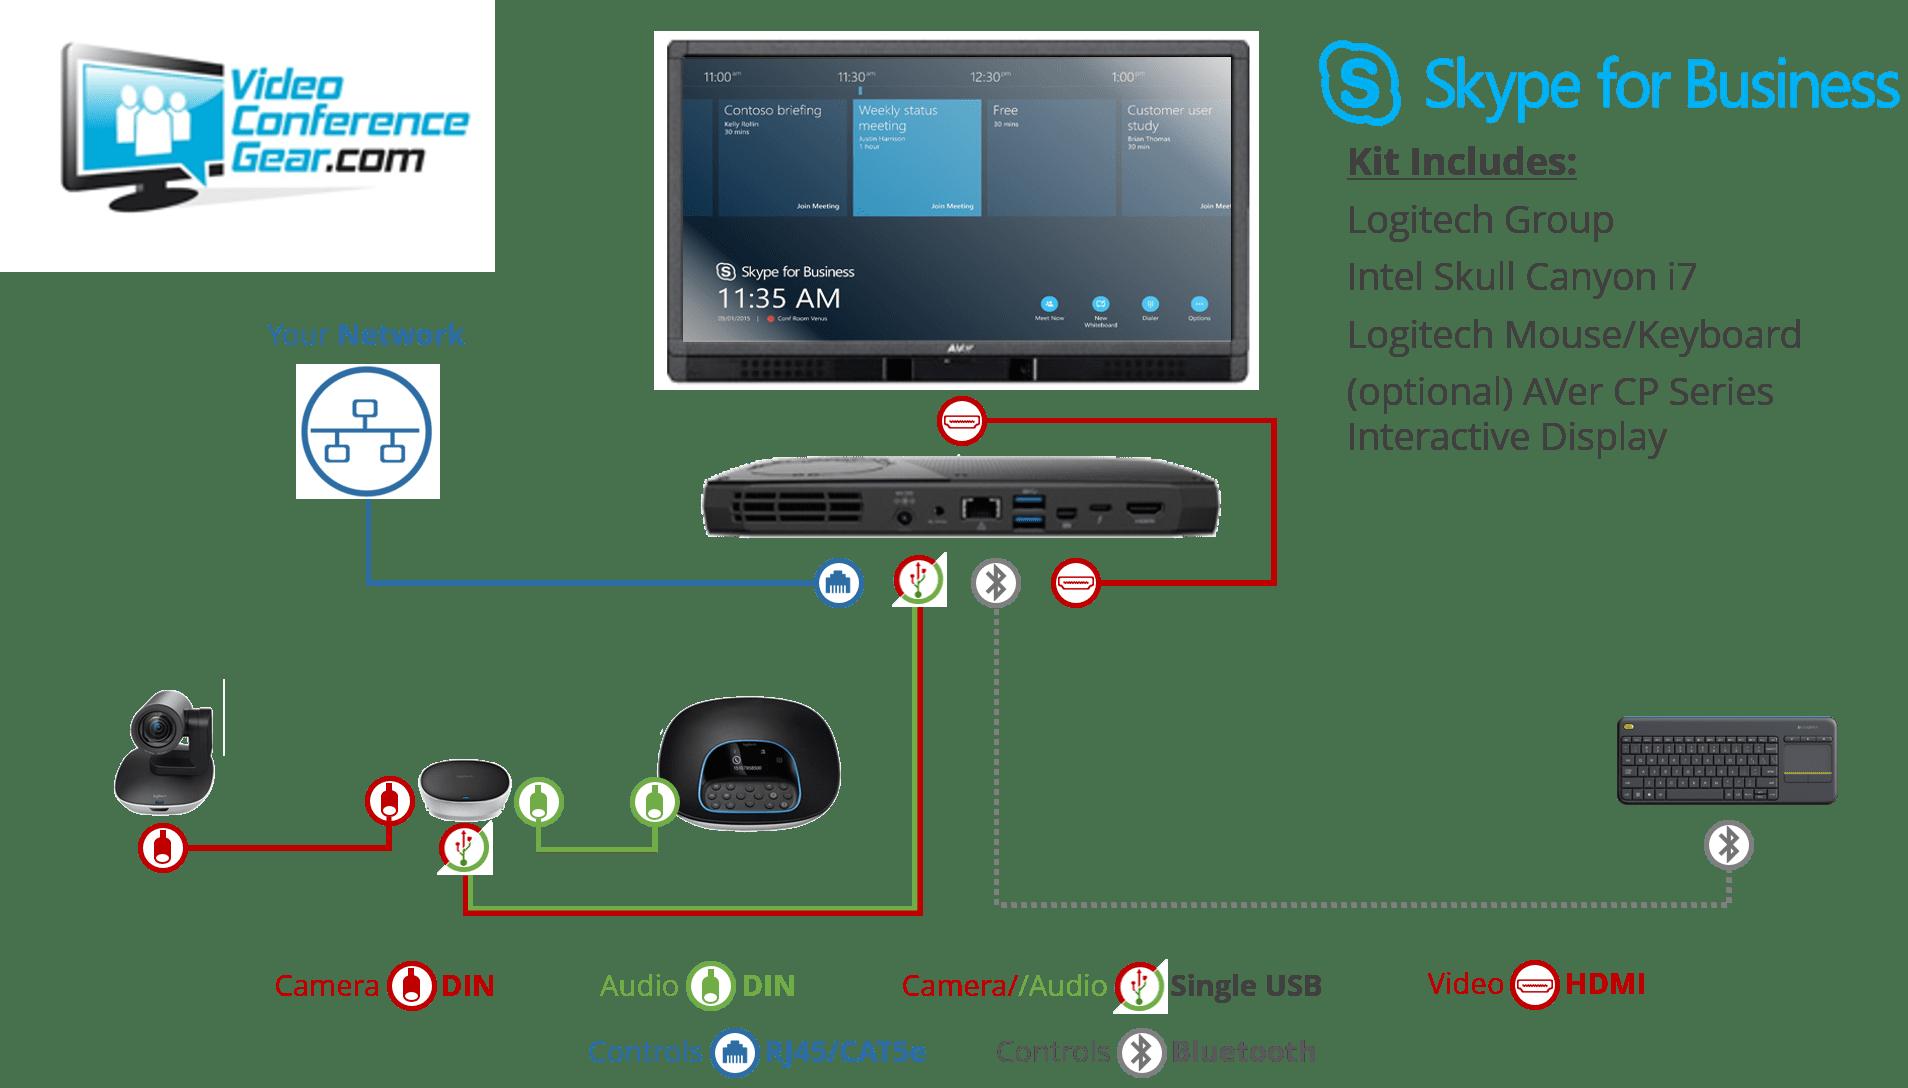 Skype for Business Logitech Group Kit